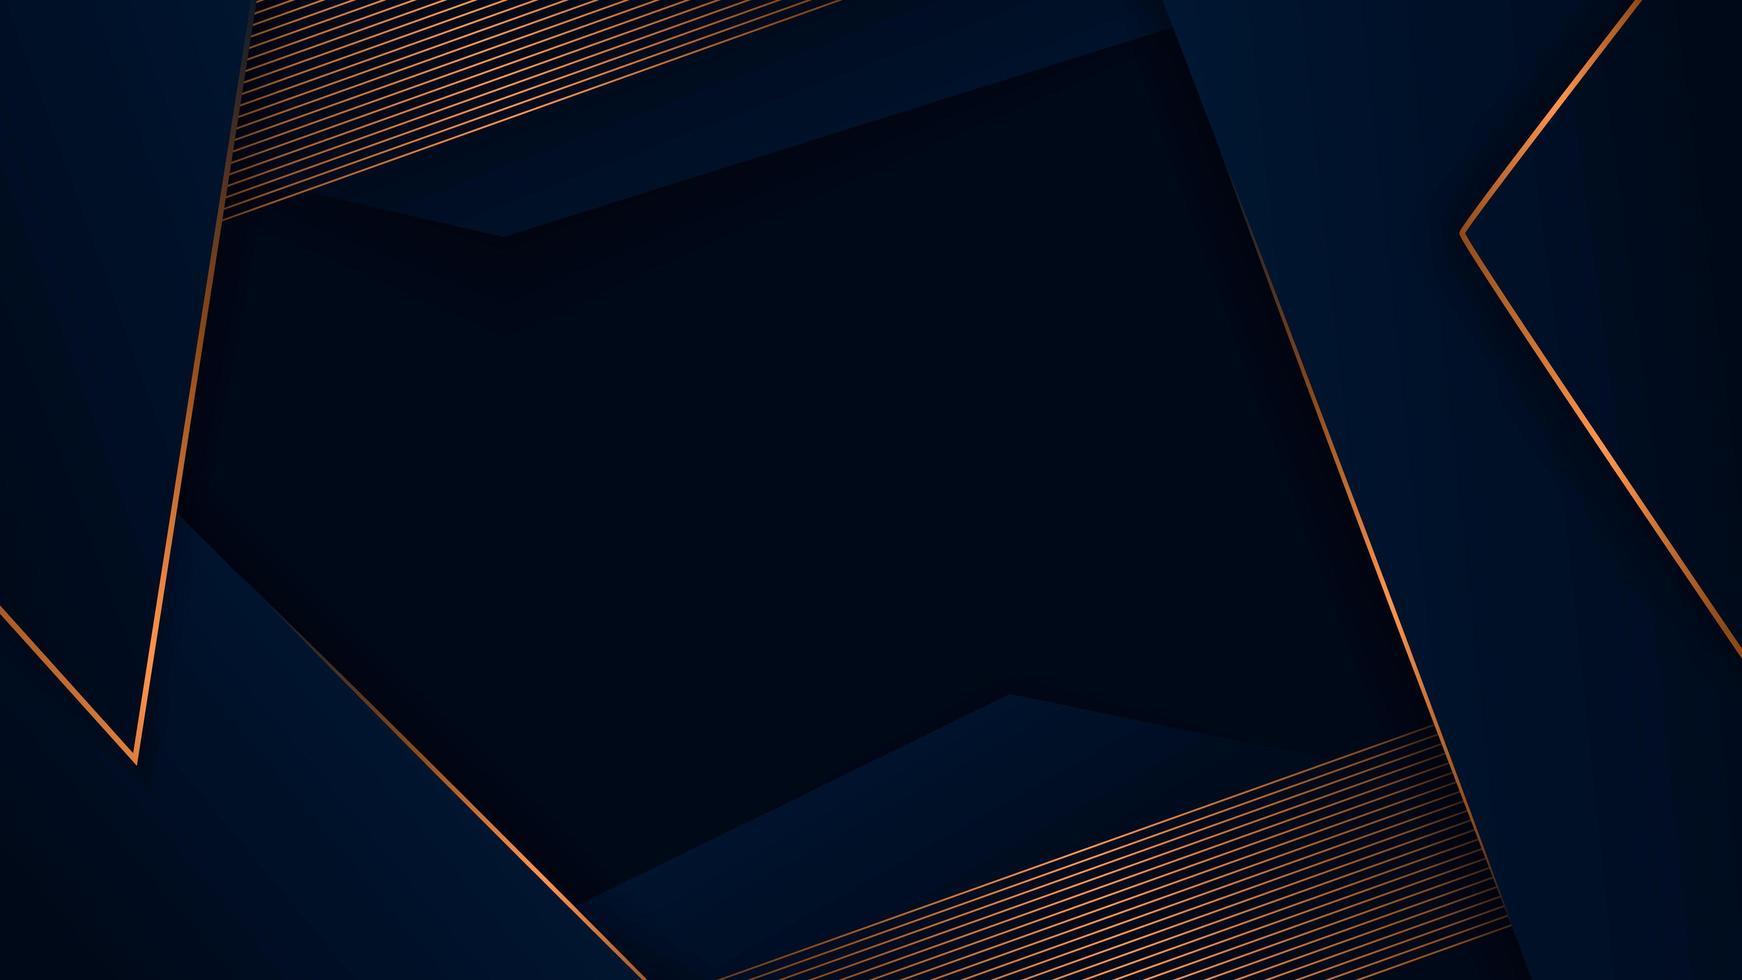 blu scuro lusso poligonale astratto con motivo oro vettore